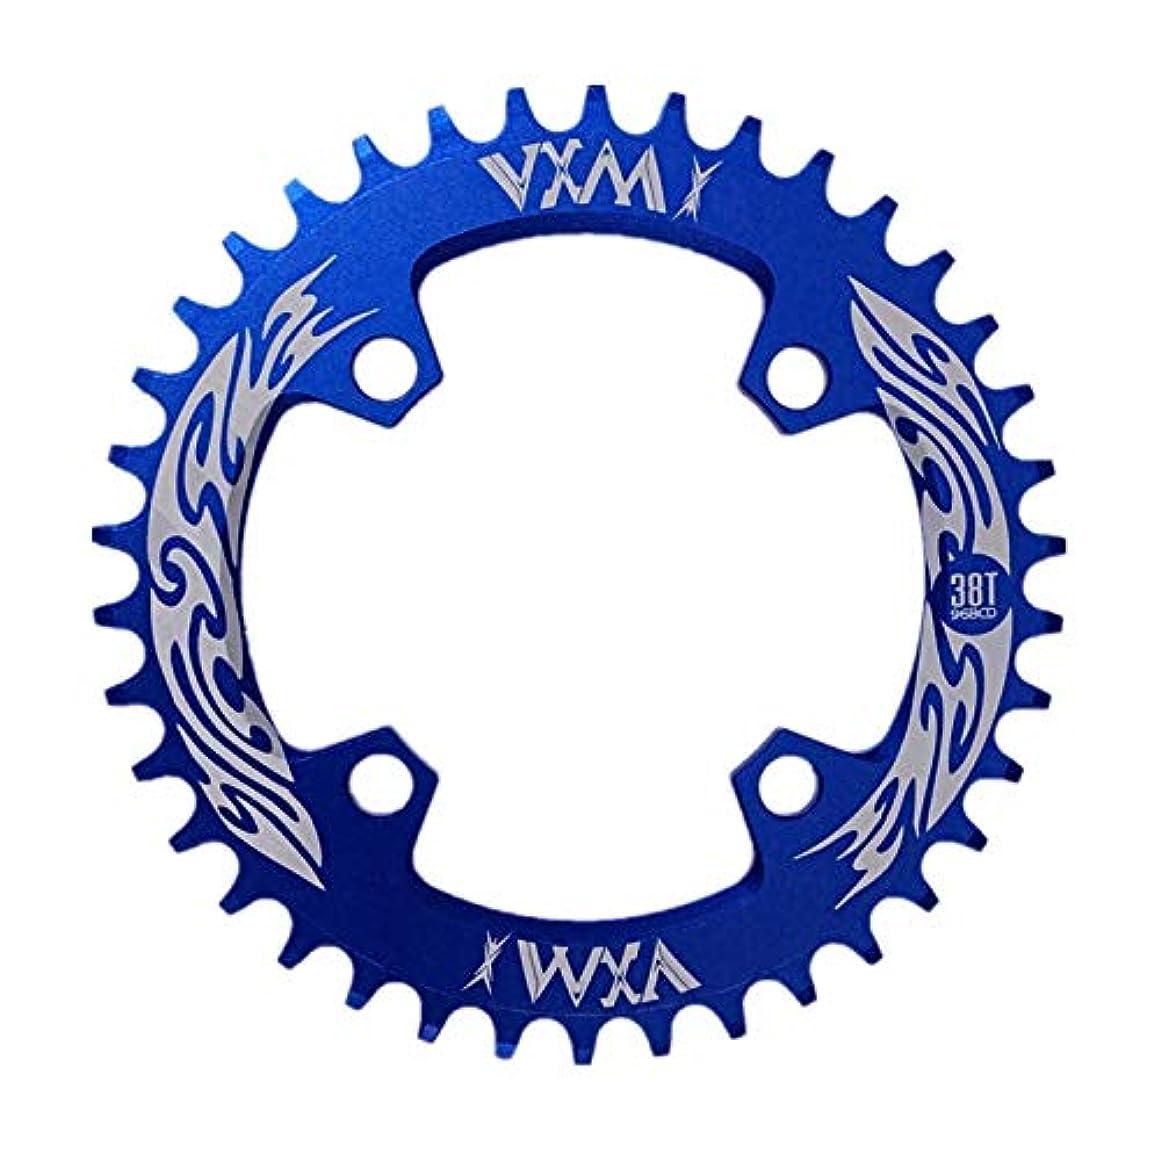 反対した偶然の祝福Propenary - Bicycle Crank & Chainwheel 96BCD 38T Ultralight Alloy Bike Bicycle Narrow Wide Chainring Round Chainwheel Cycle Crankset [ Blue ]